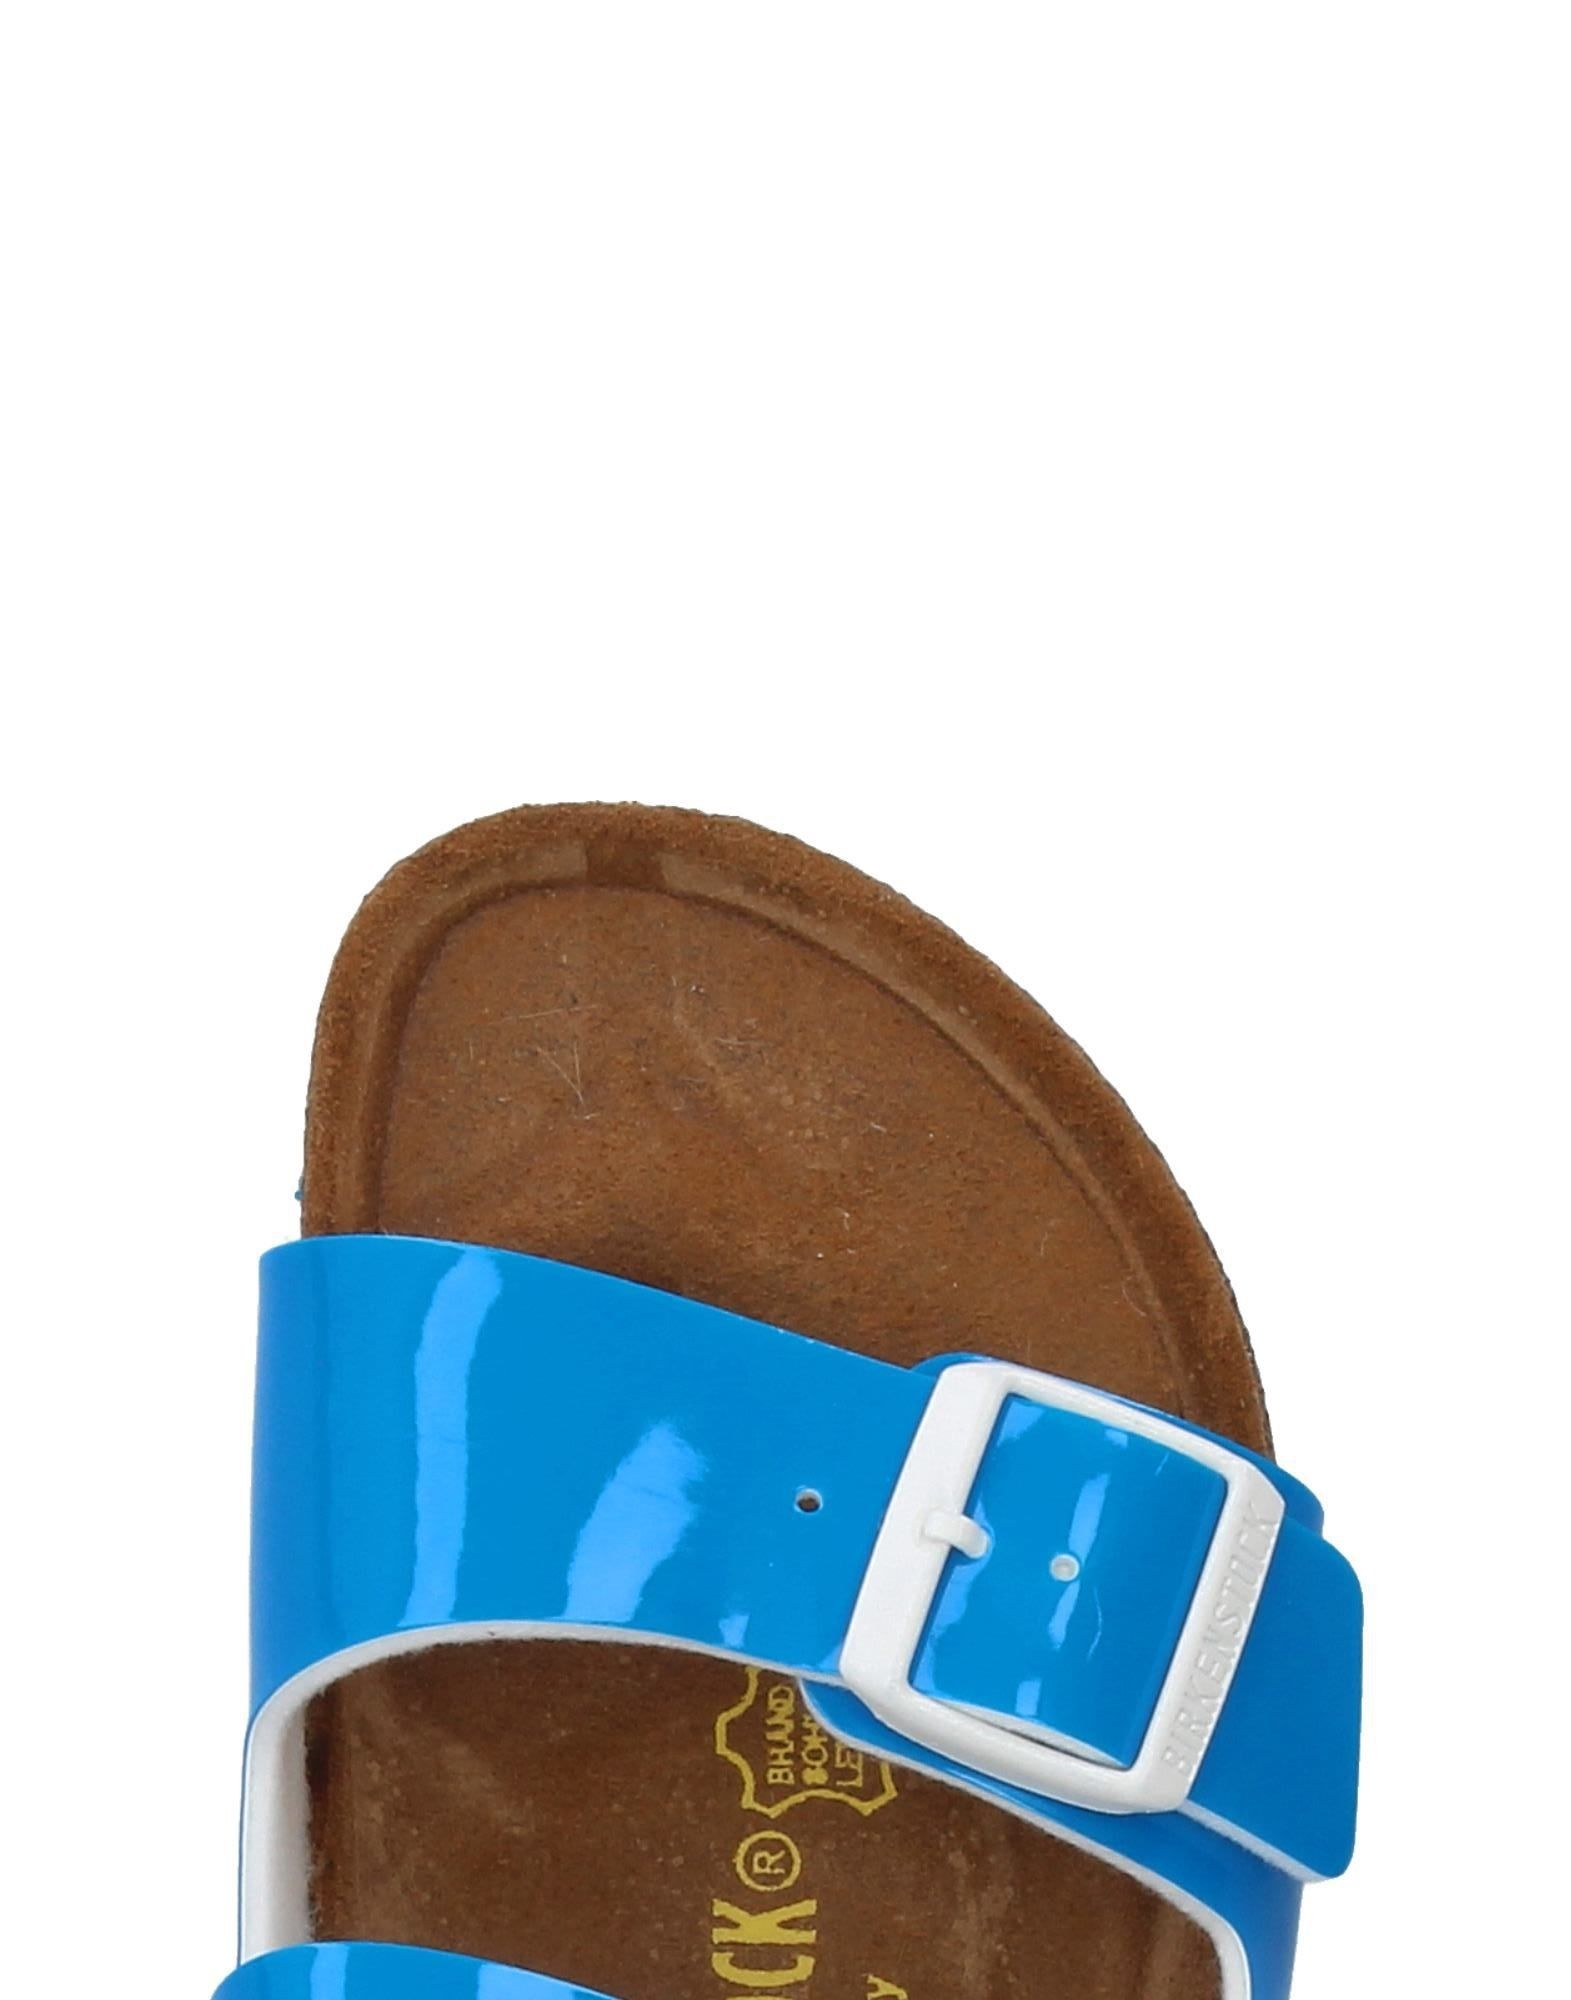 Birkenstock Sandalen Damen  11378503KG Gute Qualität beliebte Schuhe Schuhe Schuhe c32cd3